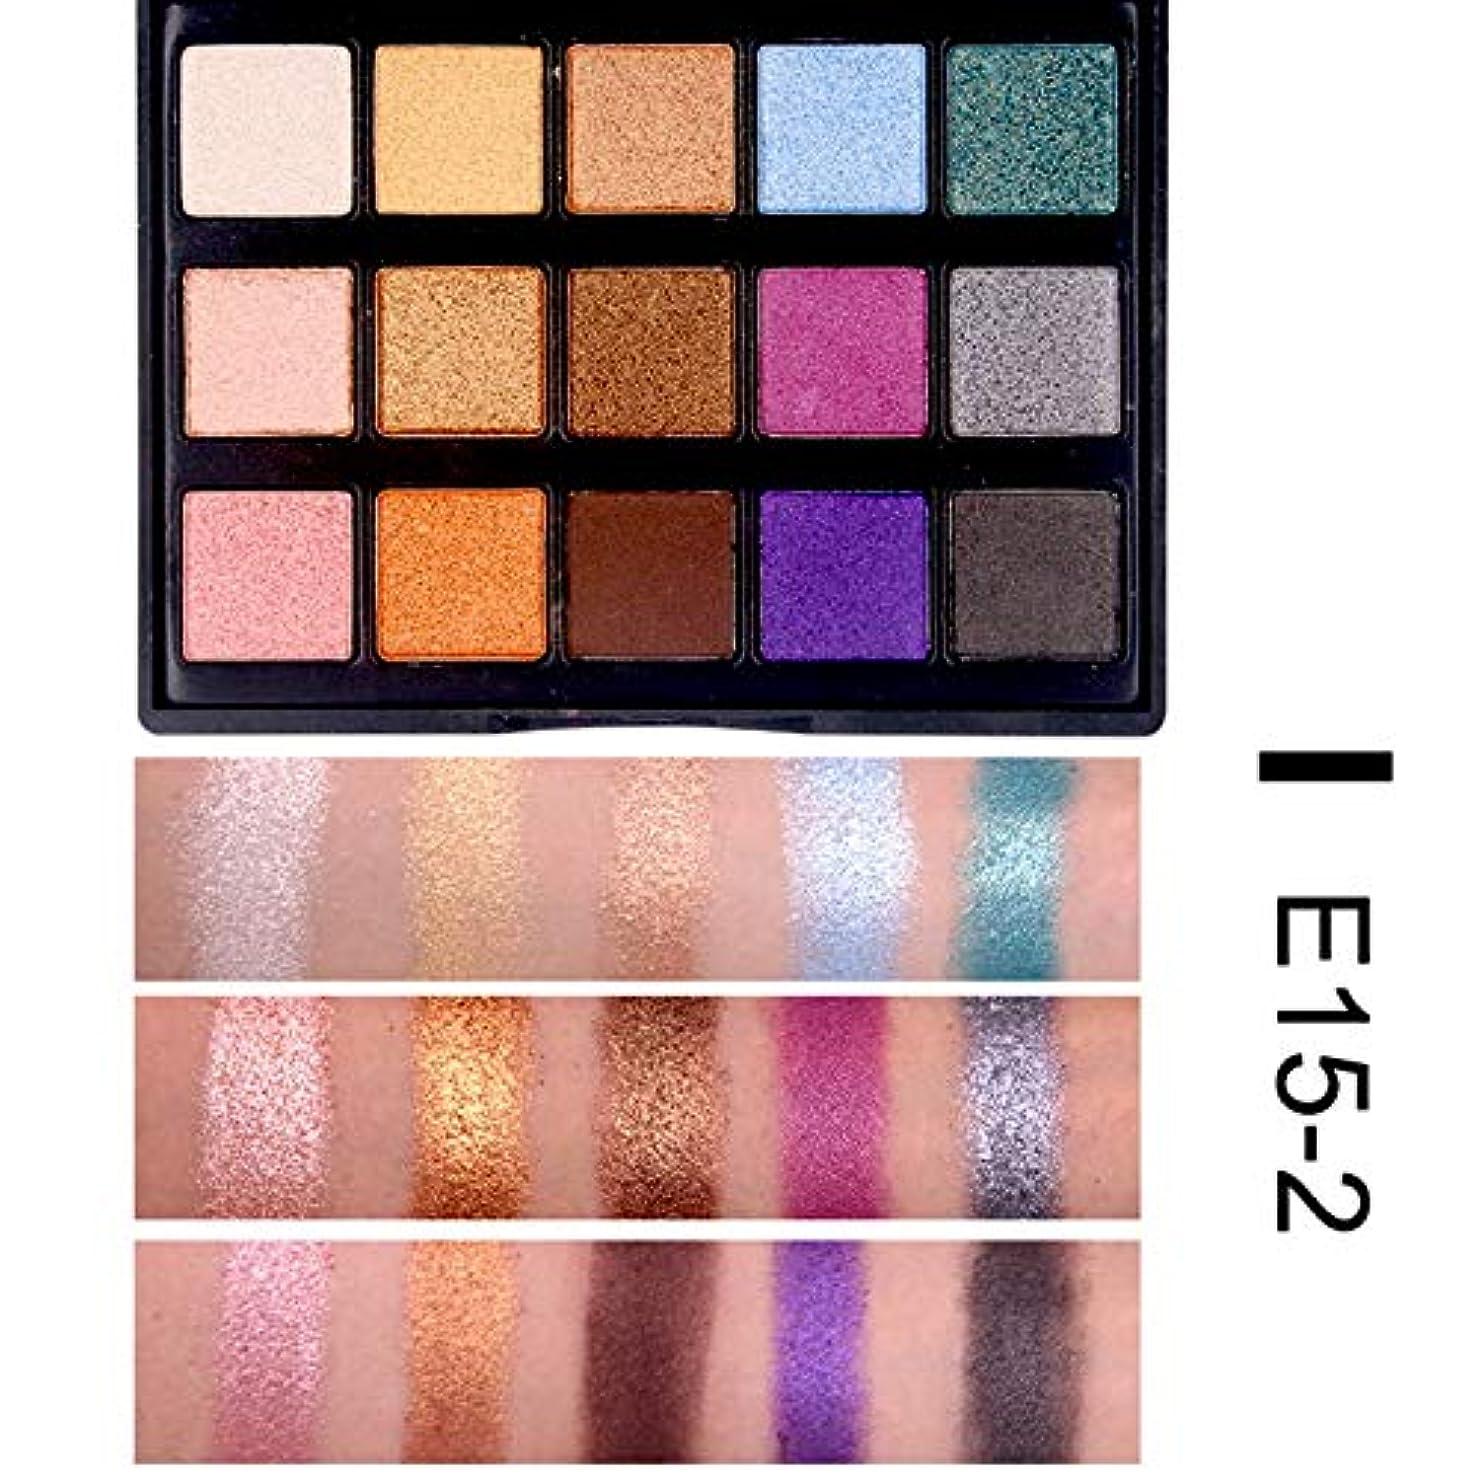 疫病甘美なバラエティRabugogo 15色ミニアイシャドウパウダーマットアイシャドウ化粧品メイクアップ EP15#2